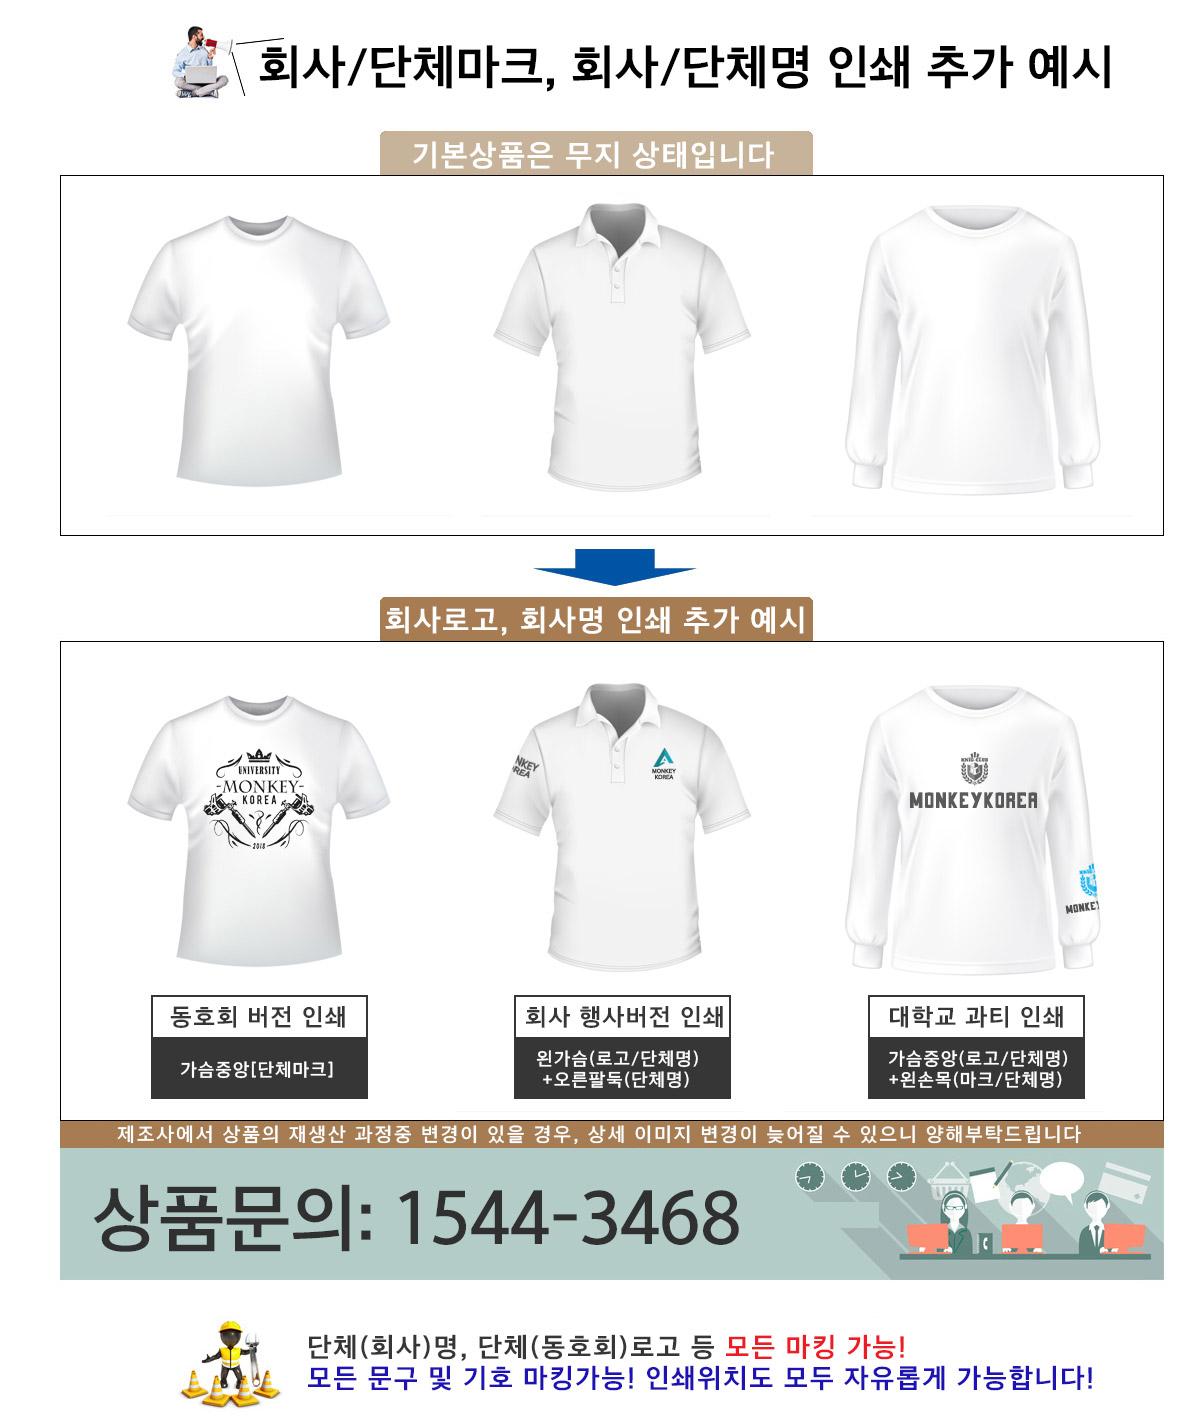 티셔츠 마킹안내